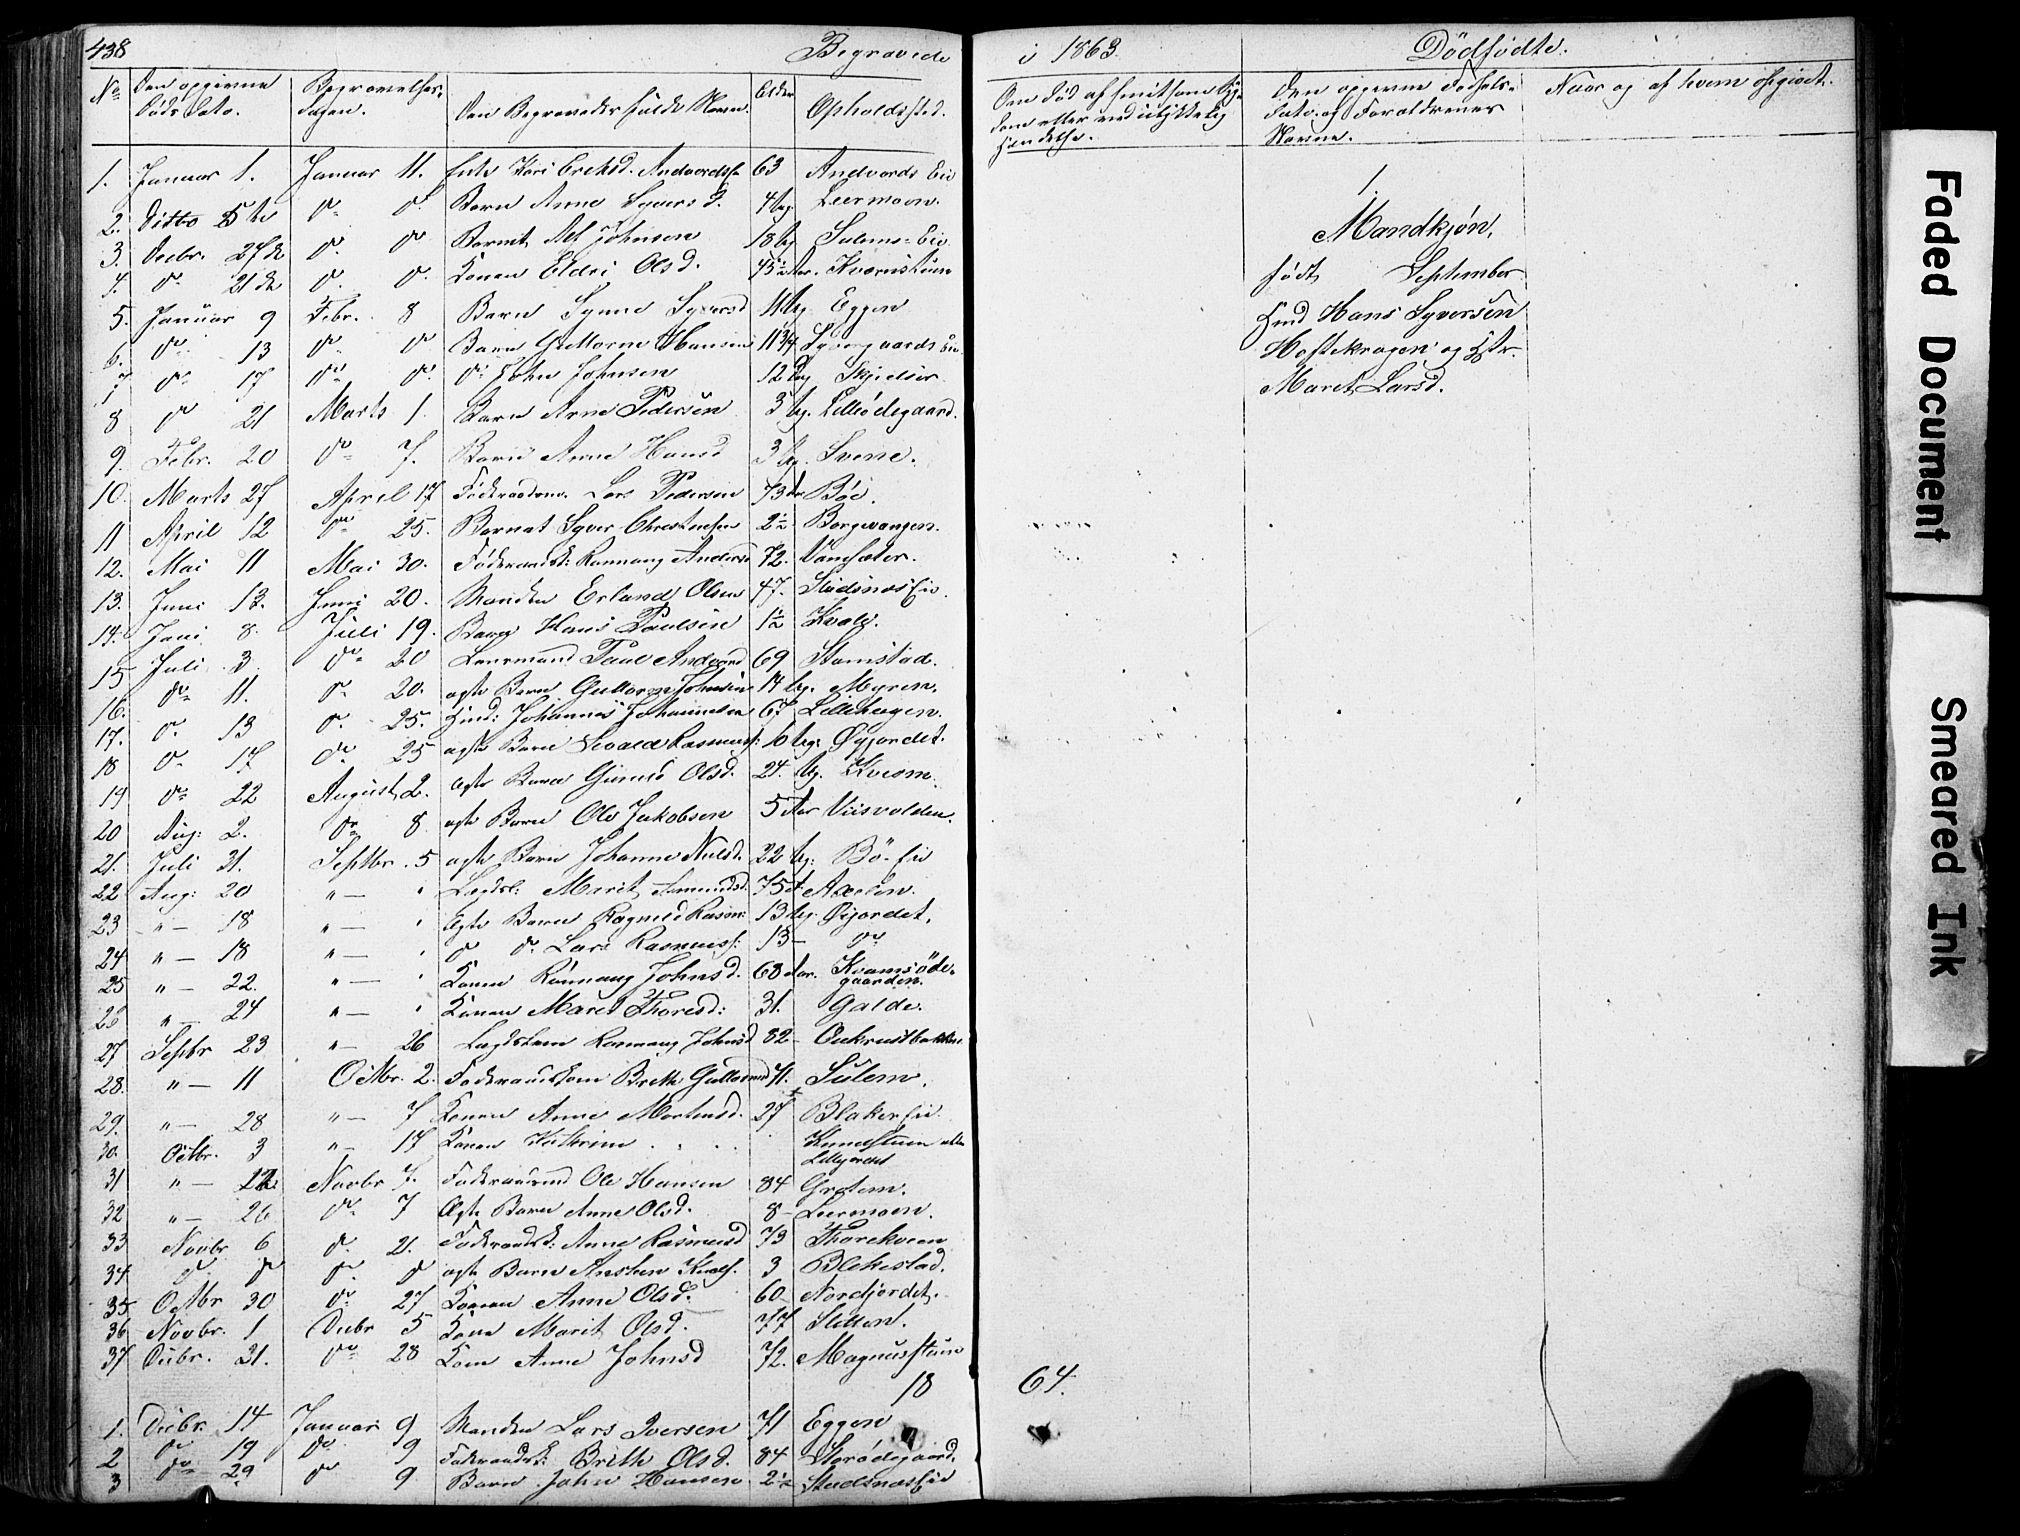 SAH, Lom prestekontor, L/L0012: Klokkerbok nr. 12, 1845-1873, s. 438-439